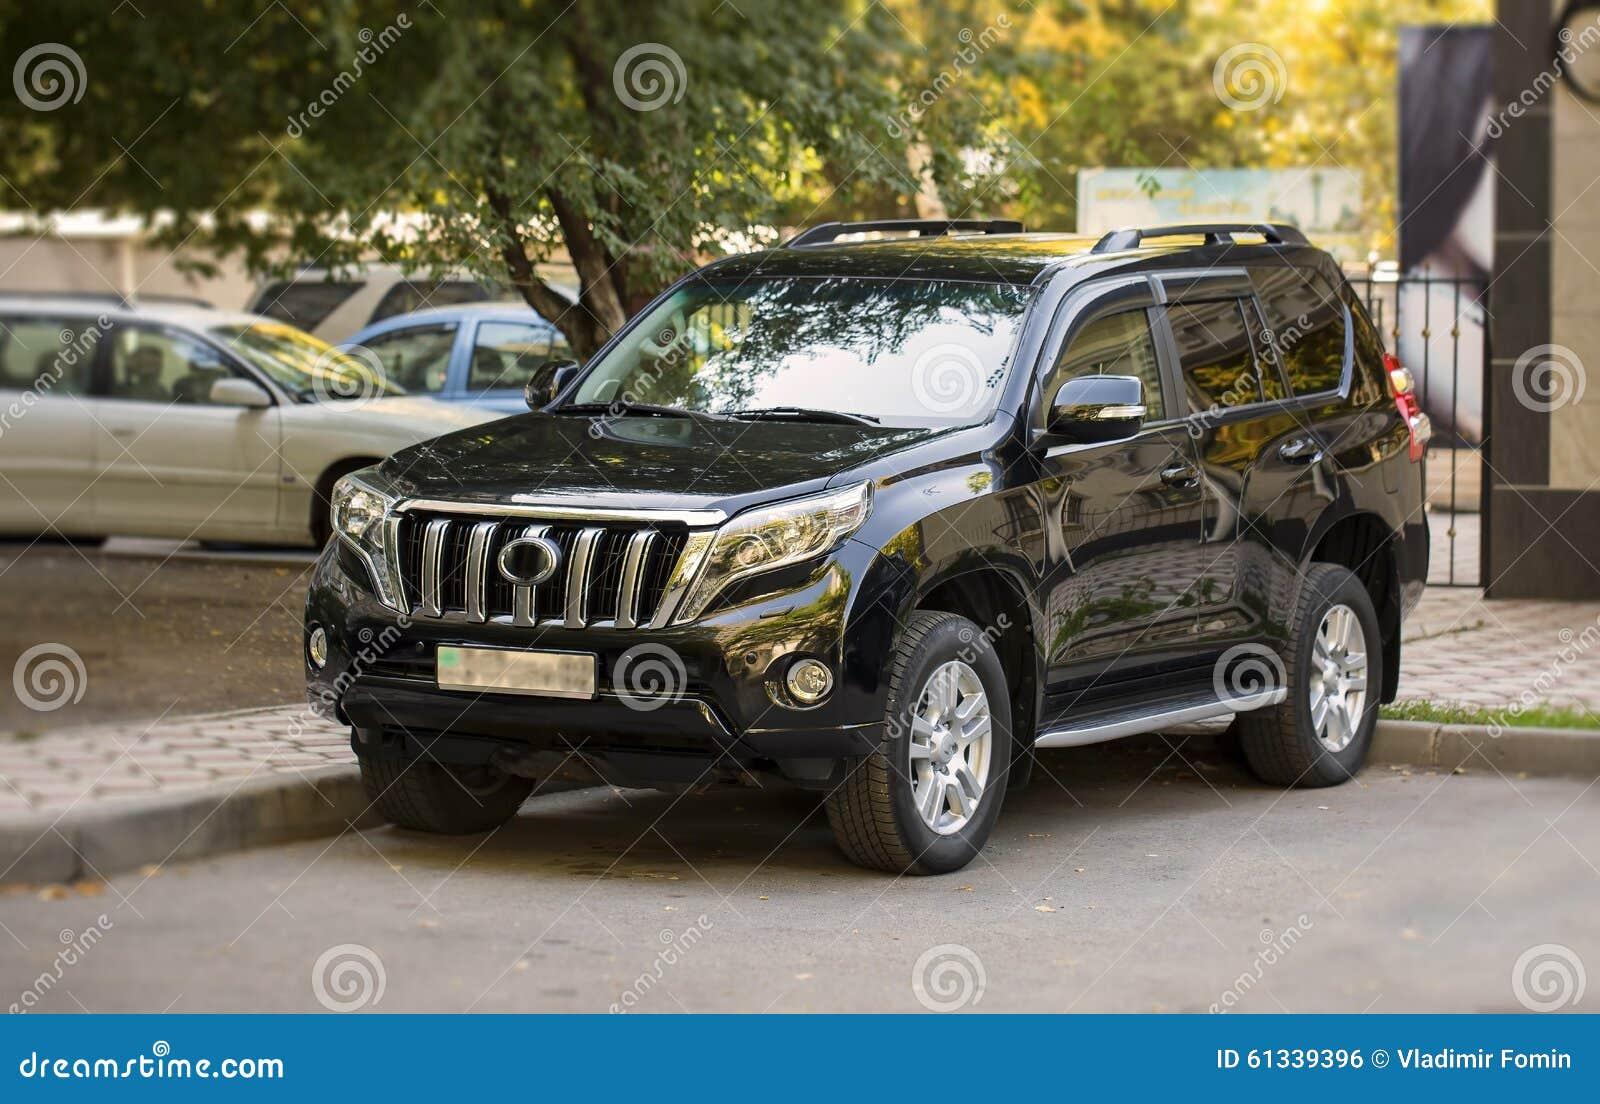 Автомобиль SUV